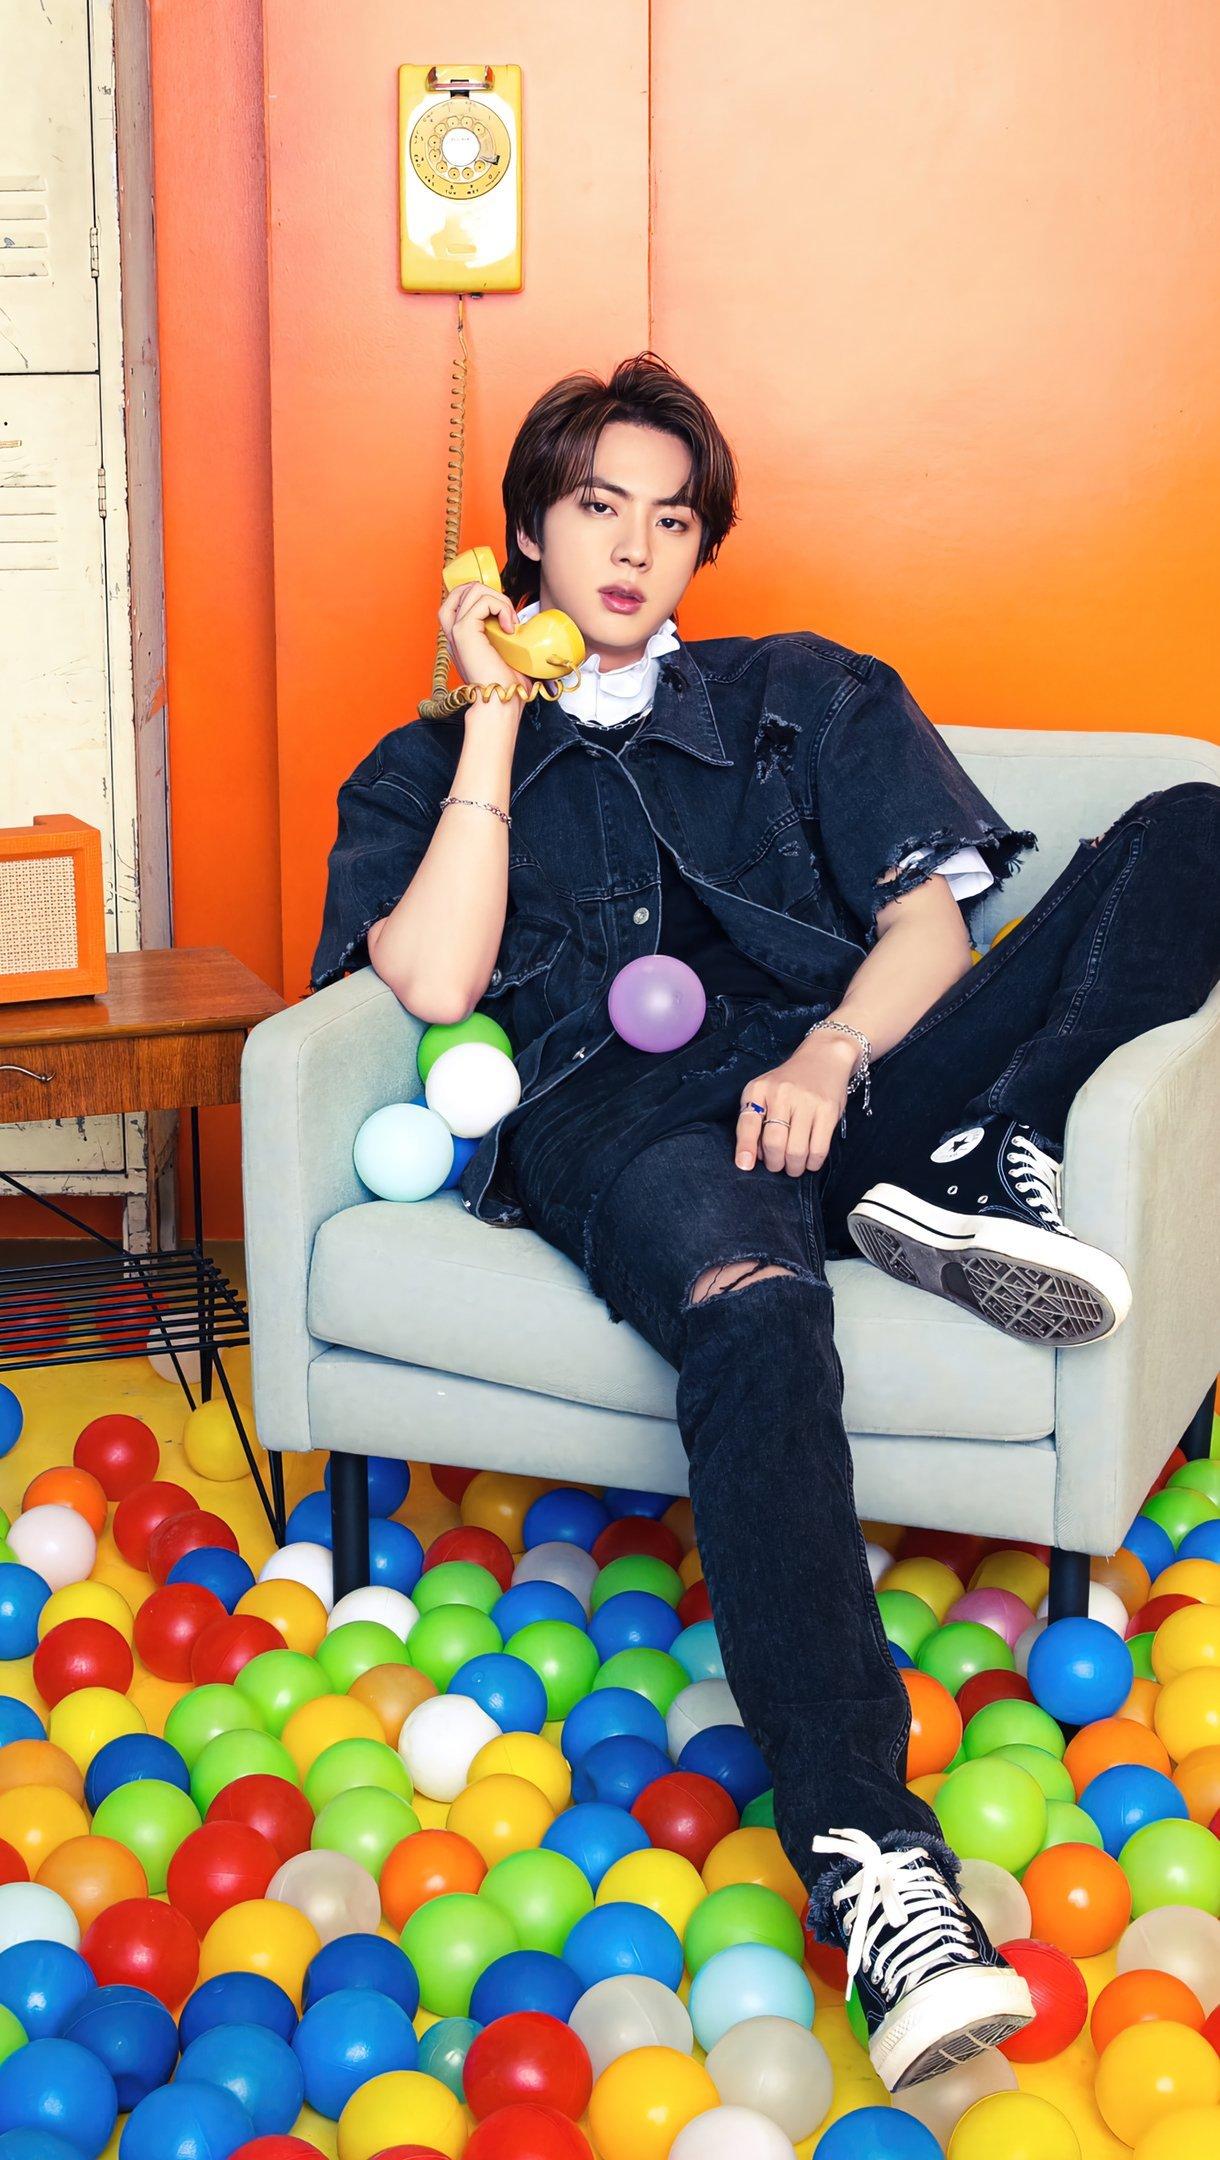 Fondos de pantalla Jin de BTS con telefono Vertical